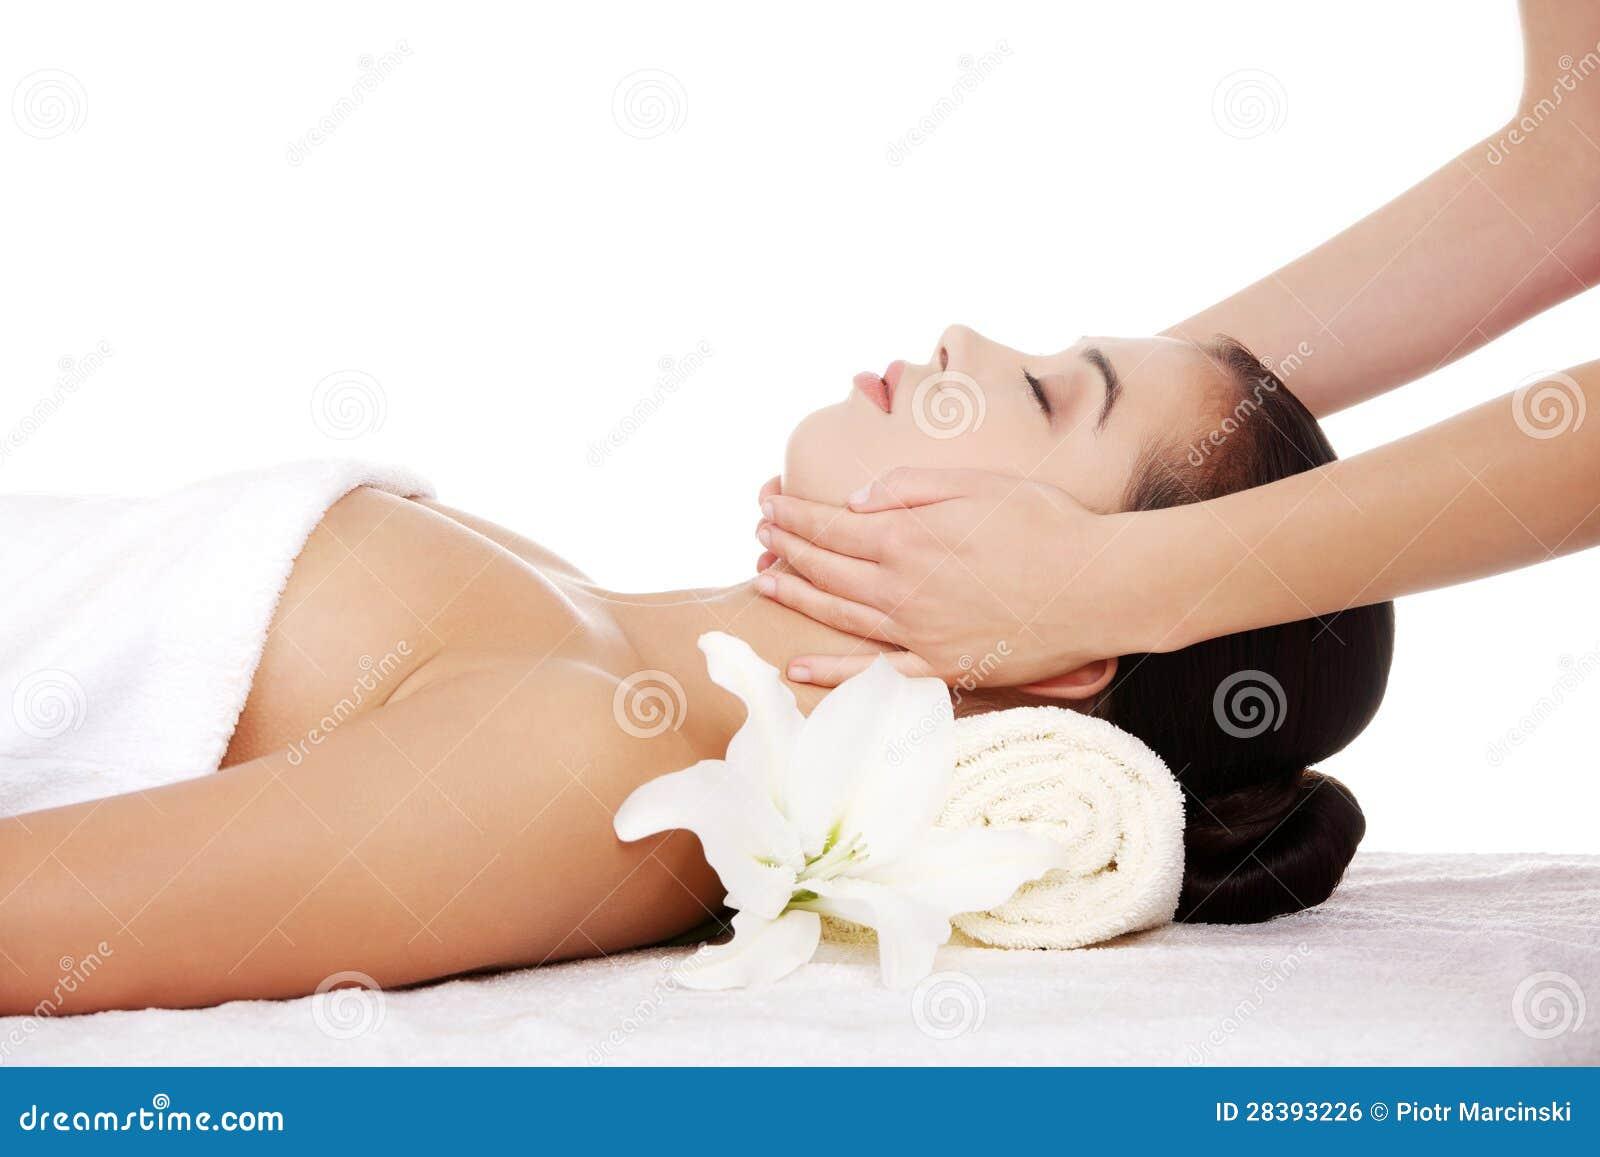 轻松的妇女喜欢接受表面按摩